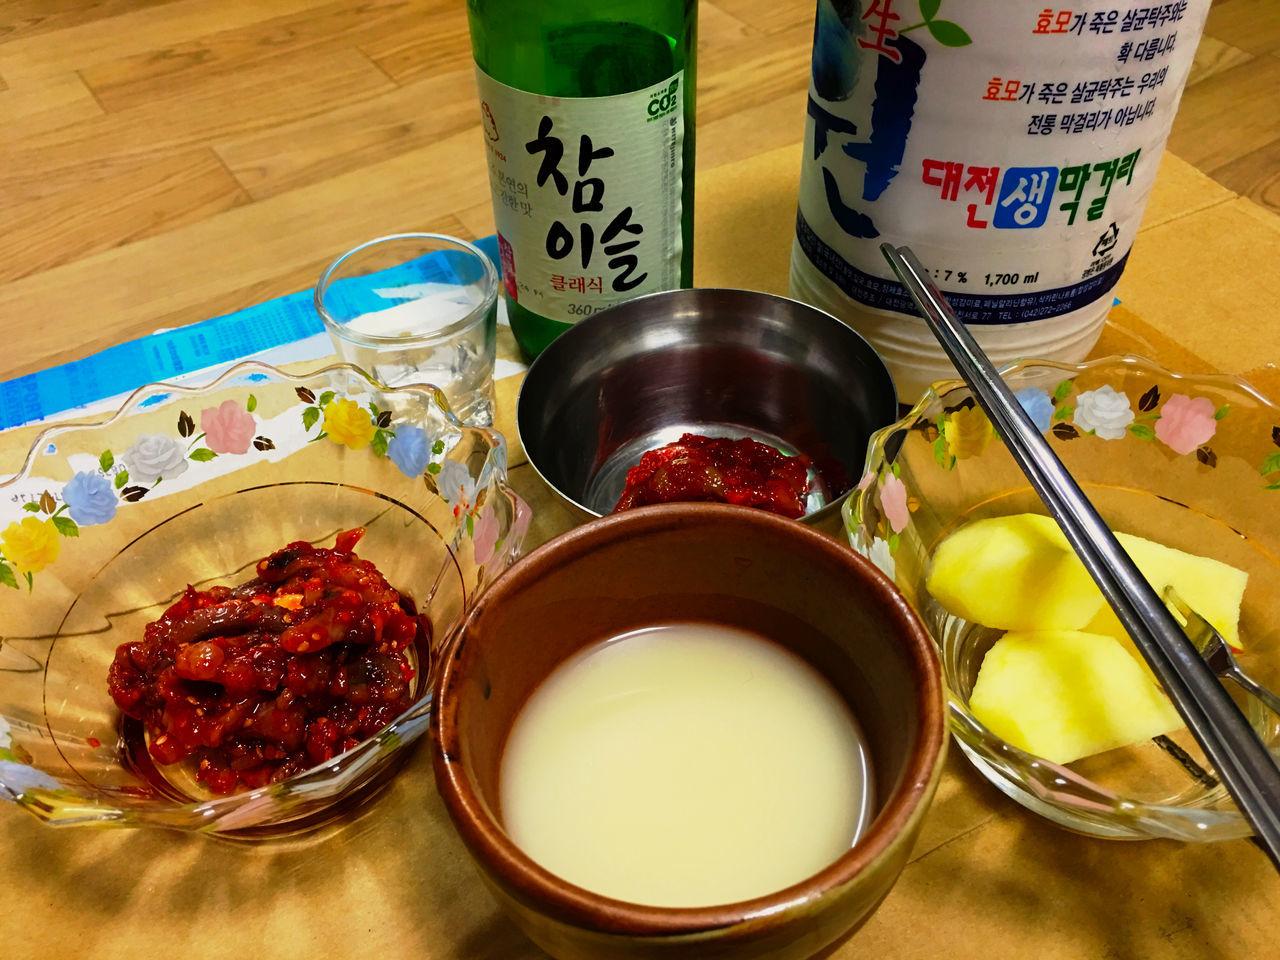 京東市場 で買った 林檎 사과 Sagwa と チャンジャ チャンランジャ 창란젓 チャンラン 창란 と 蛸 Octopus の キムチ Kimchi!!!!! 무노키무찌 Munokimujji に、スーパーで売っていた120円の1.2リッター マッコリ Makgeoli Makgulli Makgeolli 생막걸리 で、二次会。テーブルが無いので、段ボール。(笑)前に日本の居酒屋で飲み食いした韓国の学生が、酒が箱で買えると驚いていたけれど、確かにそうだなぁと思った。韓国では、添加物や人工甘味料とかを使っているもののほうが値段は高い。が、パッケージや広告は実に派手で若者の目を引く。物価は基本感覚は日本と同じ。誰が何をどうして高くしているのかを考えさせられる二次会であった。w EyeEm Korea 韓国 Korean Food Foodporn Korea キムチは1キロで600円。…韓国で日本で発刊された腐る経済、が、売れるわけだわ。果物は、はっきり言って、実家が農家俺からして日本産より甘くて美味しい。野菜も大きく、エグミが少なくて野菜の香りがする。農家が直売するからだね。農業と医療と教育に経済を持ち込むのは、本当に首を絞めるね。